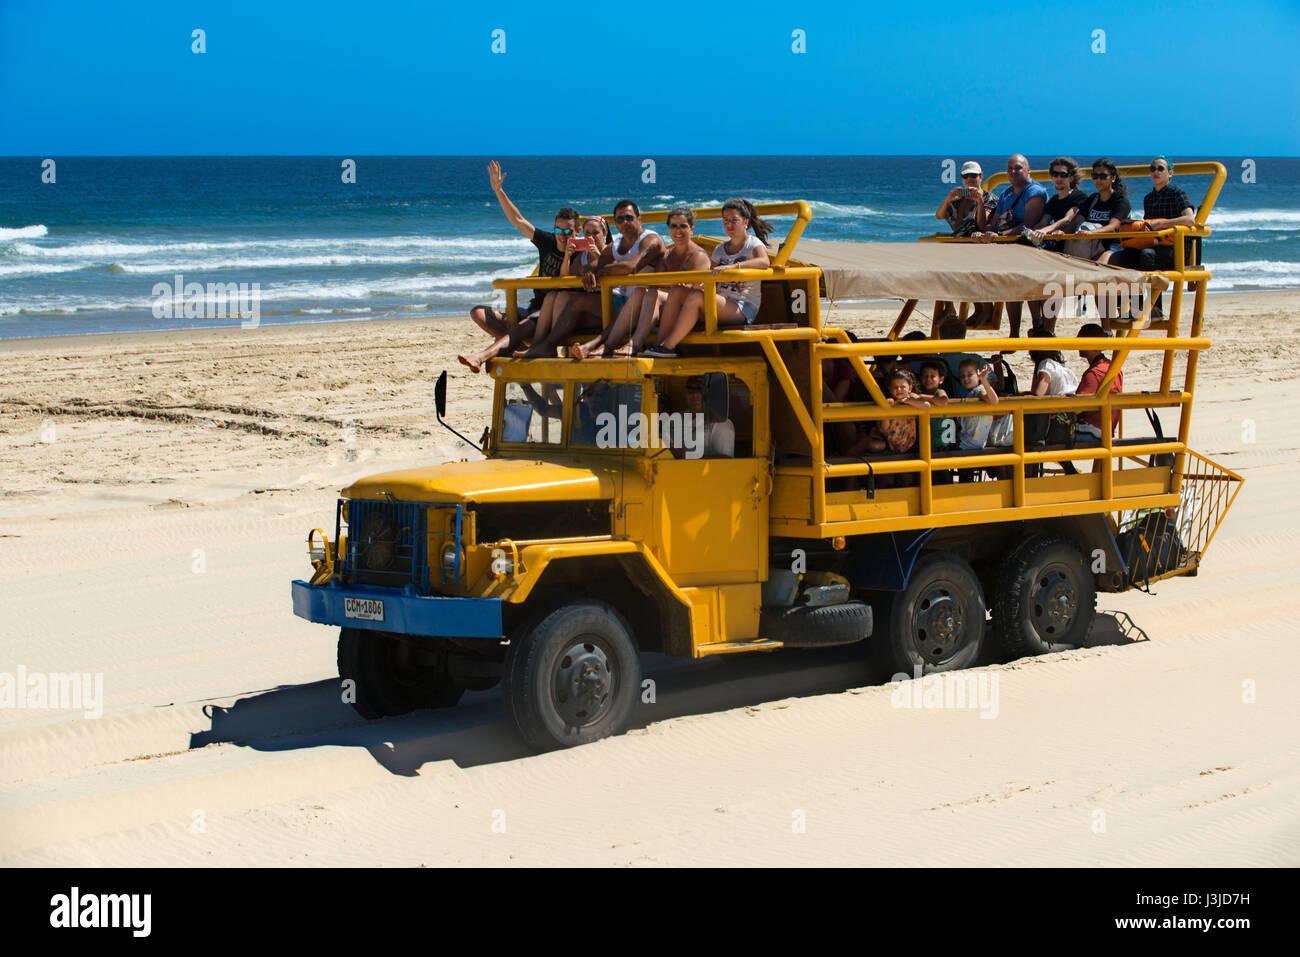 Camions spéciaux sont utilisés pour se rendre à l'hameau, Cabo Polonio, Rocha, Ministère Photo Stock